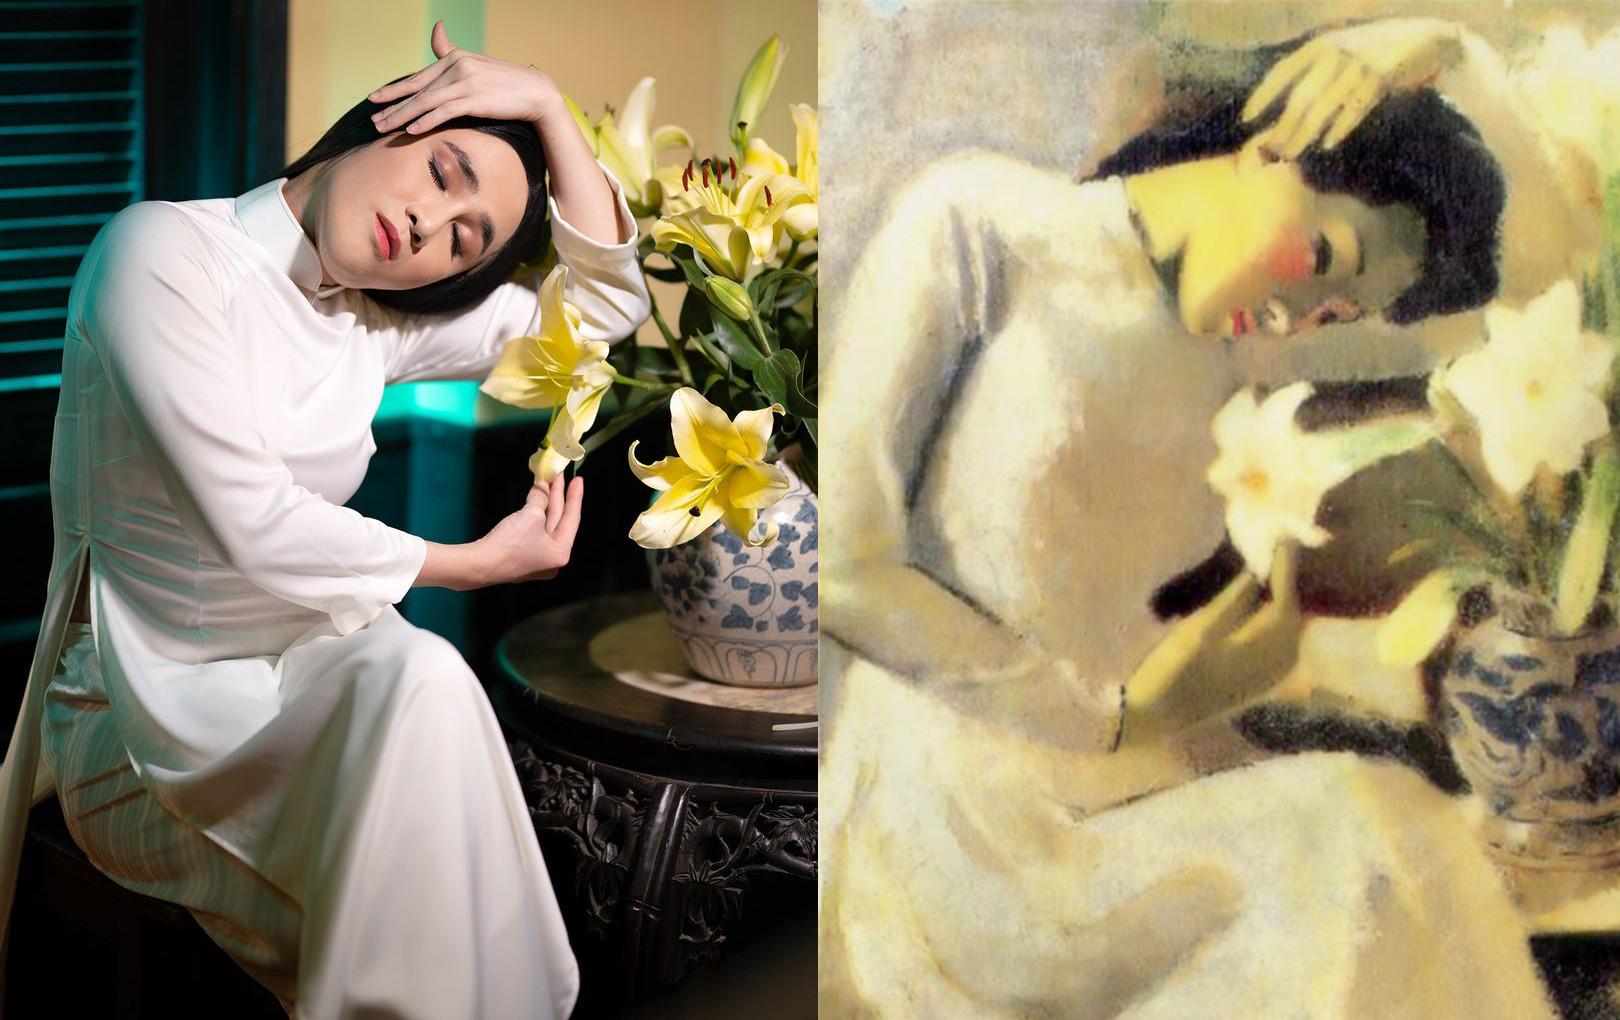 Huỳnh Lập lên tiếng khi bị tố tấu hài phản cảm bức tranh Thiếu nữ bên hoa huệ